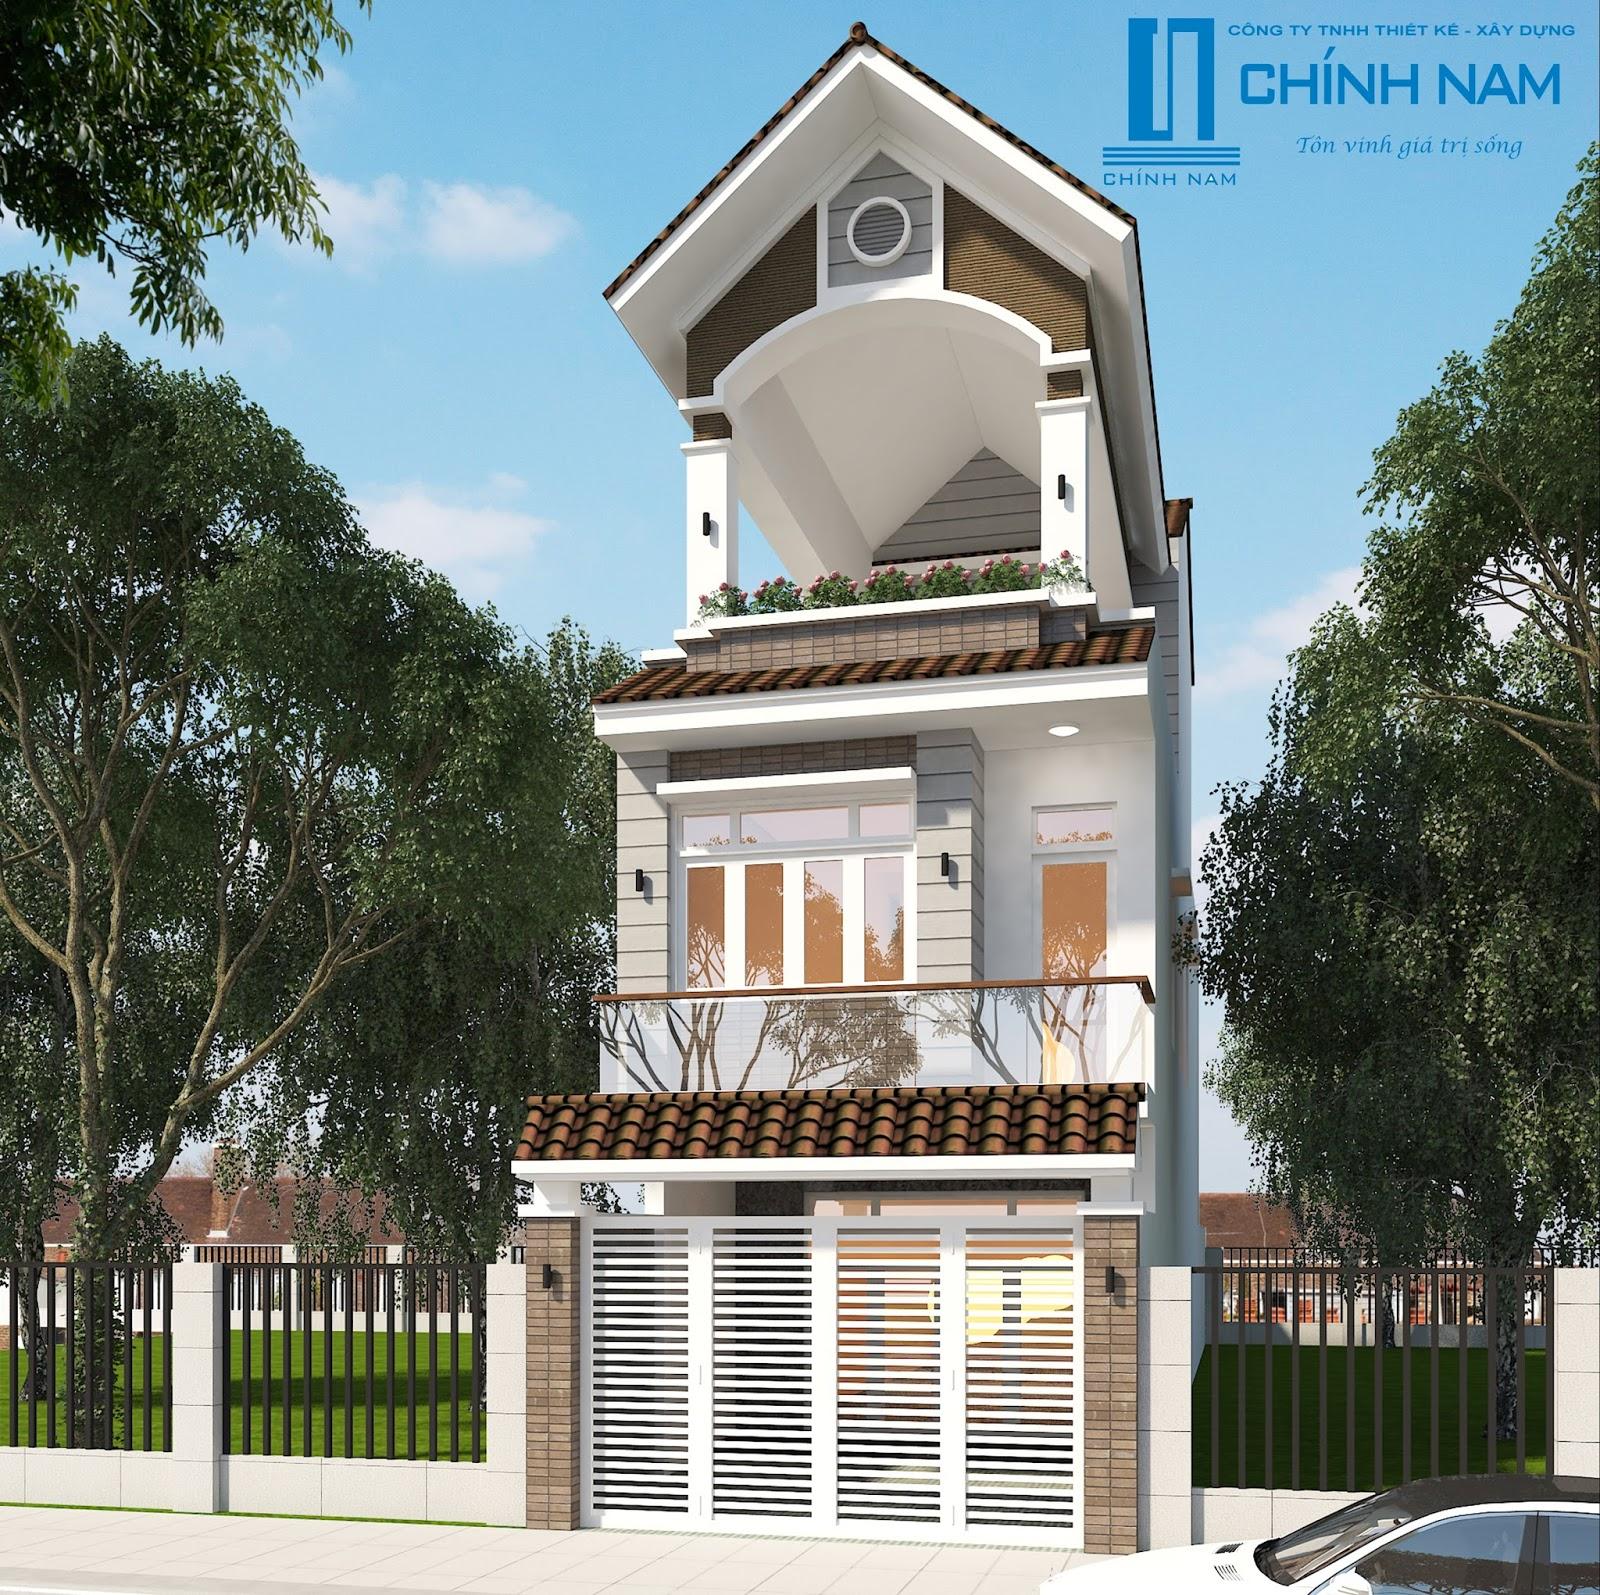 Thiết kế nhà anh Tuấn ở Biên Hòa - Đồng Nai